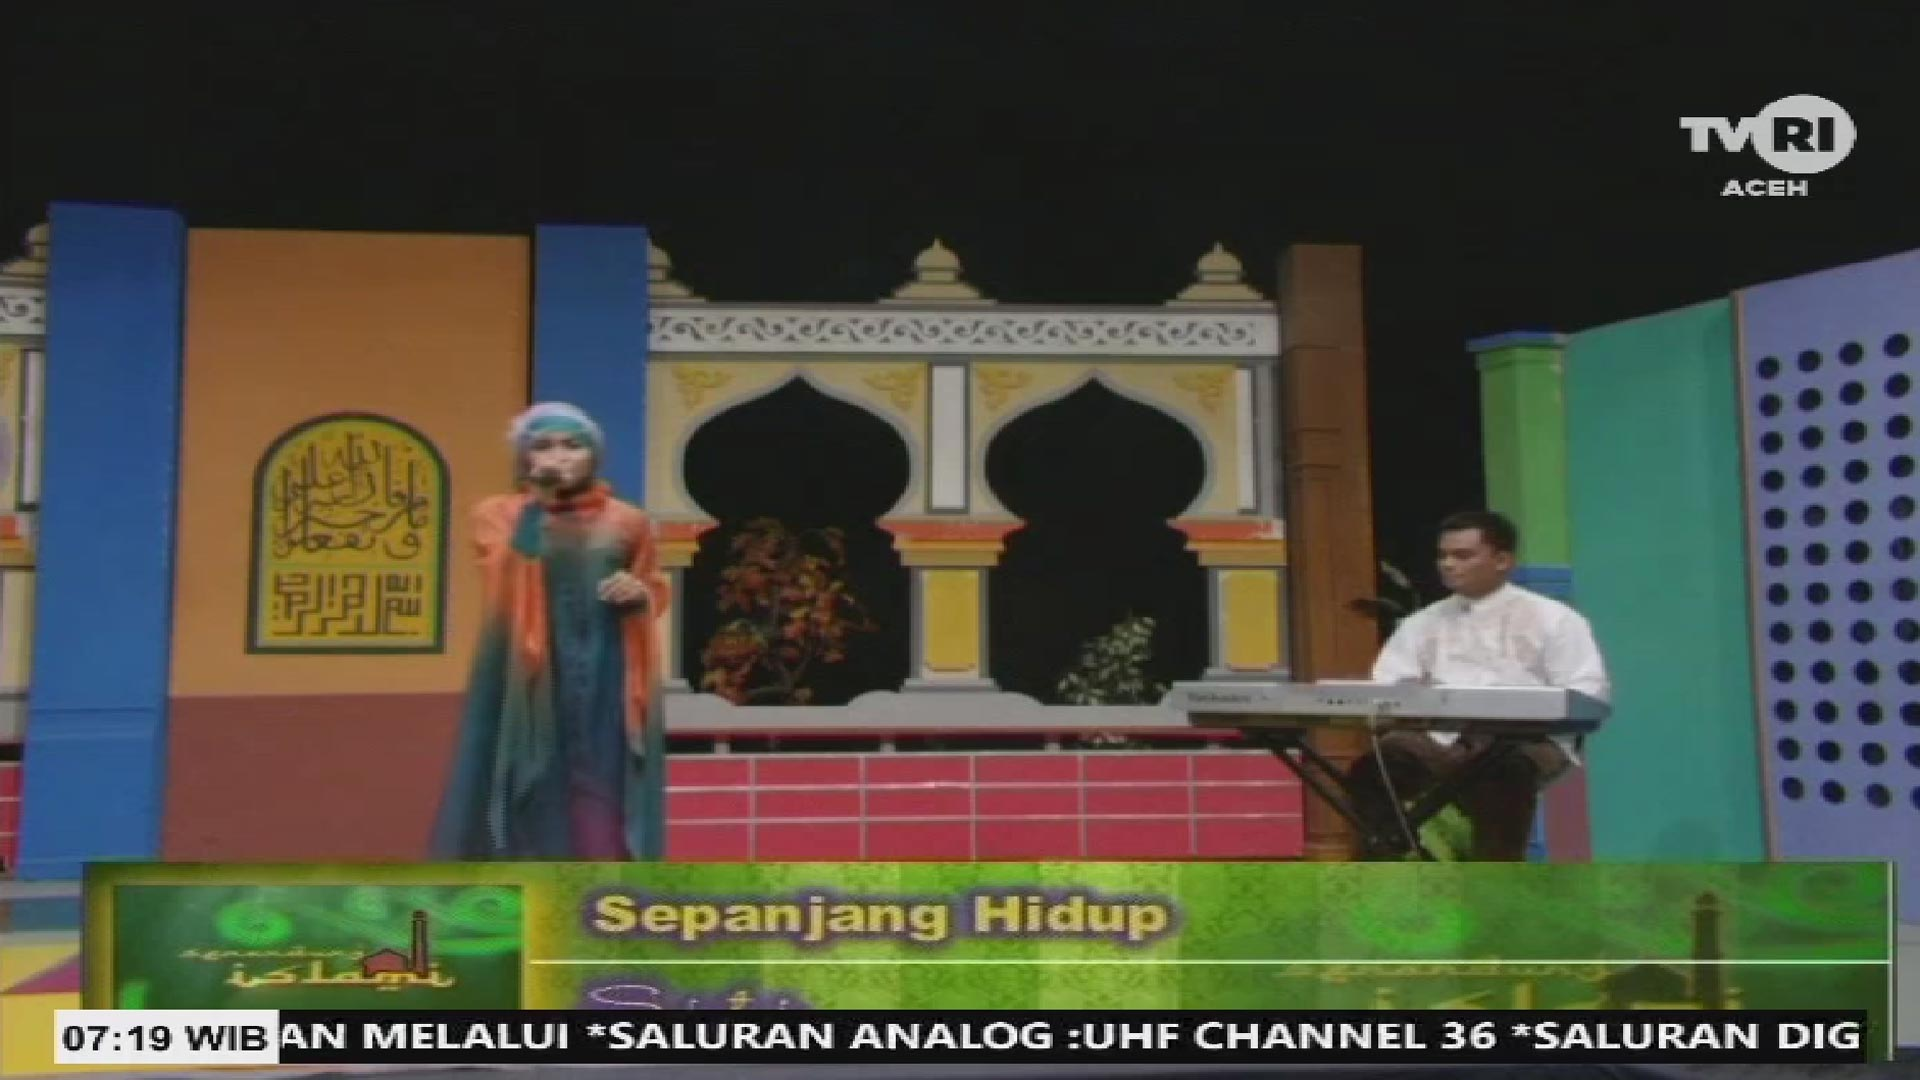 Frekuensi siaran TVRI Aceh di satelit ChinaSat 11 Terbaru